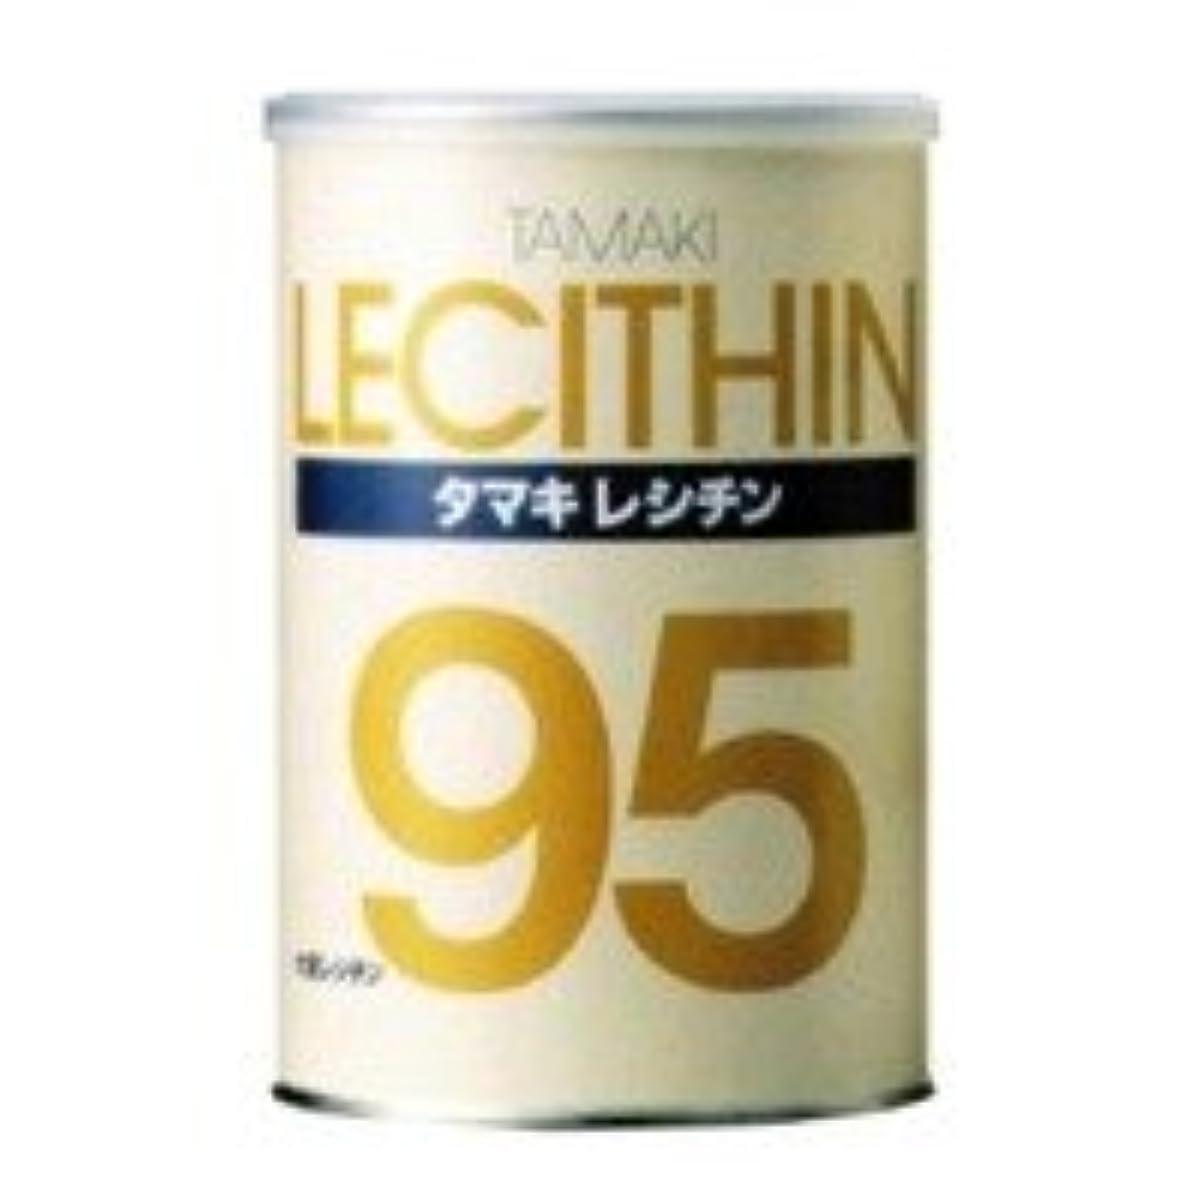 玉樹 レシチン 500g